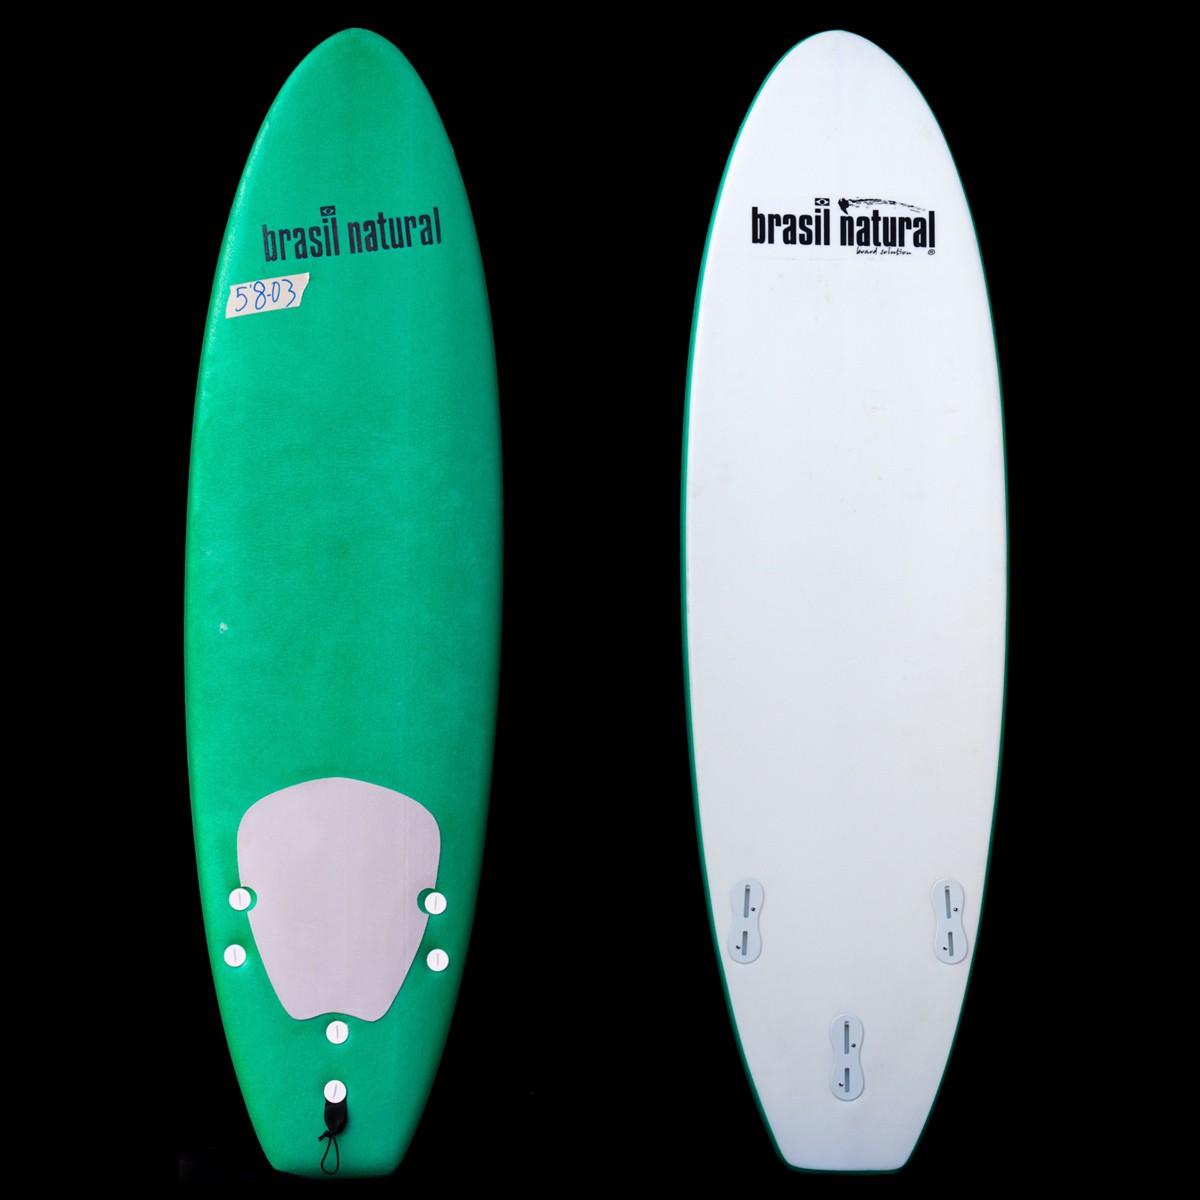 Prancha de surf infantil 5.8 - OUTLET 03